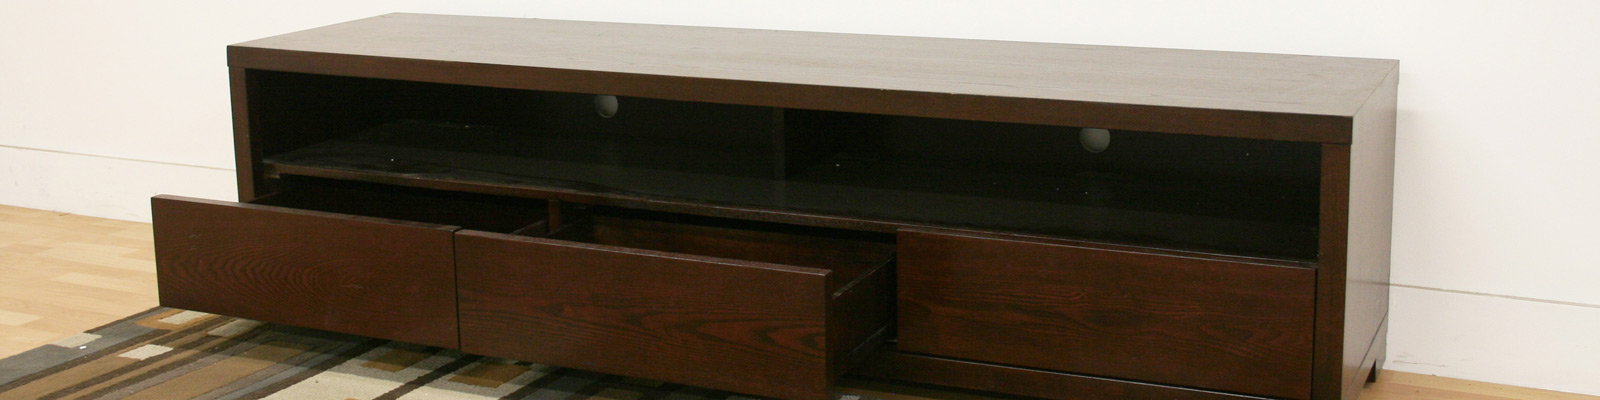 Muebles a medida. Clásico y Moderno